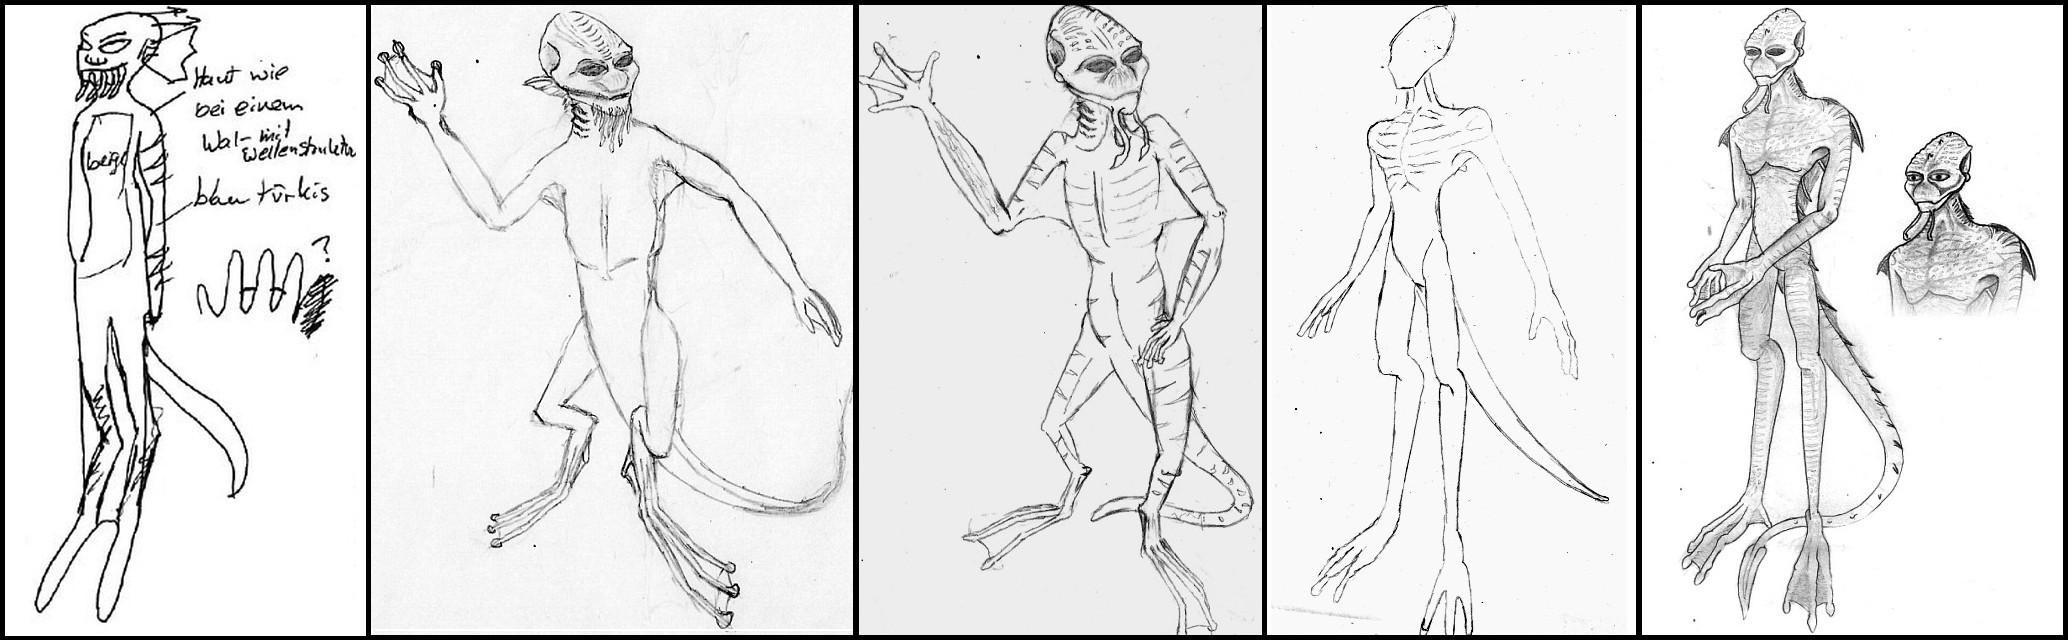 Detaillierung über mehrere Sessions hinweg, die eine amphibische, humanoide Spezies beschreibt.